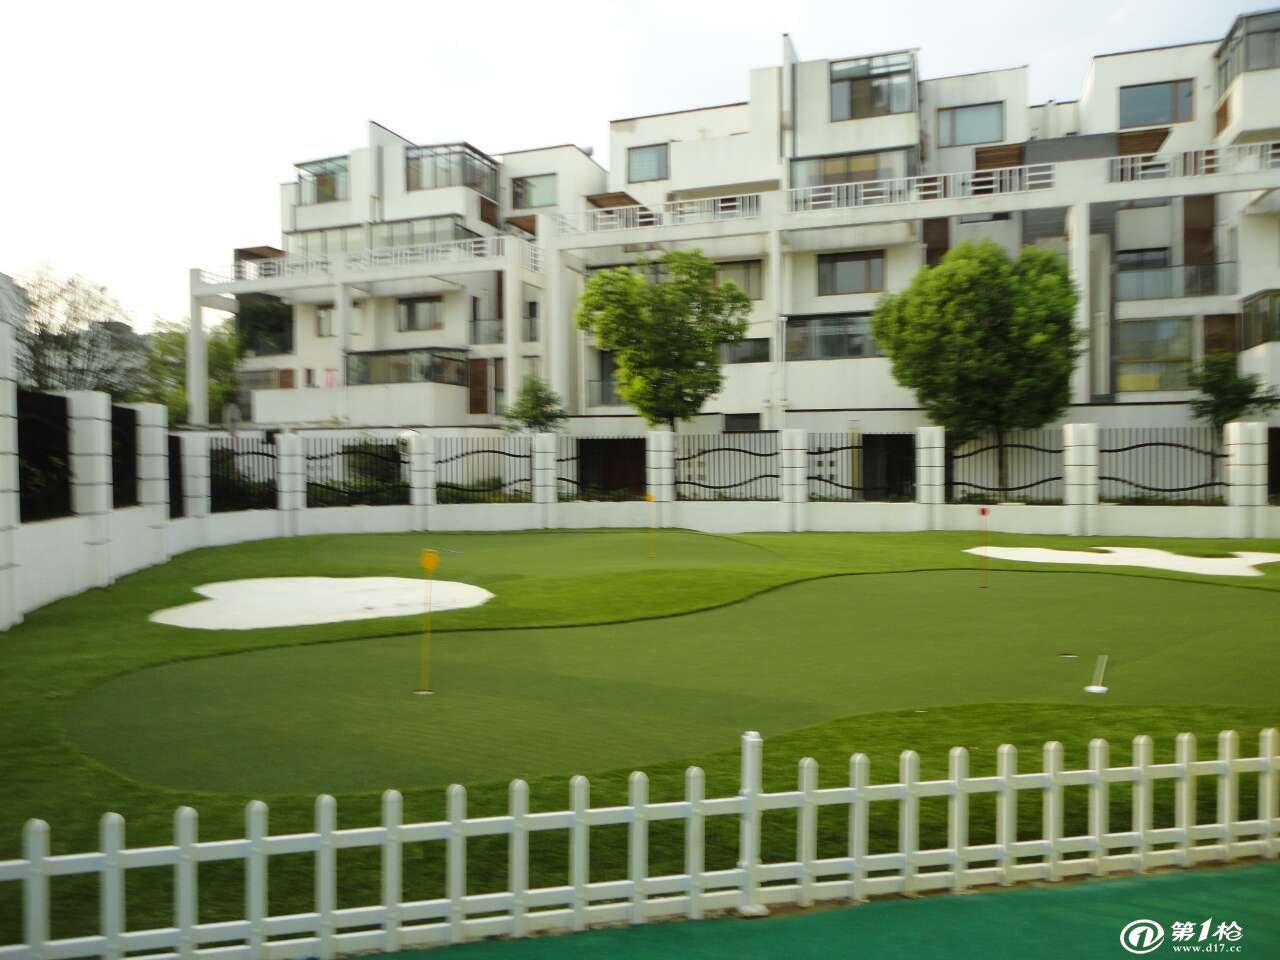 迷你高尔夫的特点: 1、迷你高尔夫运动场无论从模拟自然环境、洞区布置、运动技法练习和比赛规则、运动器材都和高尔夫运动基本相同。区别在于占地面积小、投资费用低是迷你高尔夫的首要特点。 2、营造迷你高尔夫球场的条件没有严格要求,占地面积可大可小,场地形状及地面起伏没有特定要求,可因地制宜营造。即可整块场地,也可切割成多块。如建在别墅、住宅周围。球场也可建在室内房间。 3、与标准高尔夫相比,迷你高尔夫运动参与性非常强,玩家不会受性别年龄甚至球技的限制,大人小孩都能玩,深受家庭与团体活动的欢迎。运动技法单一,